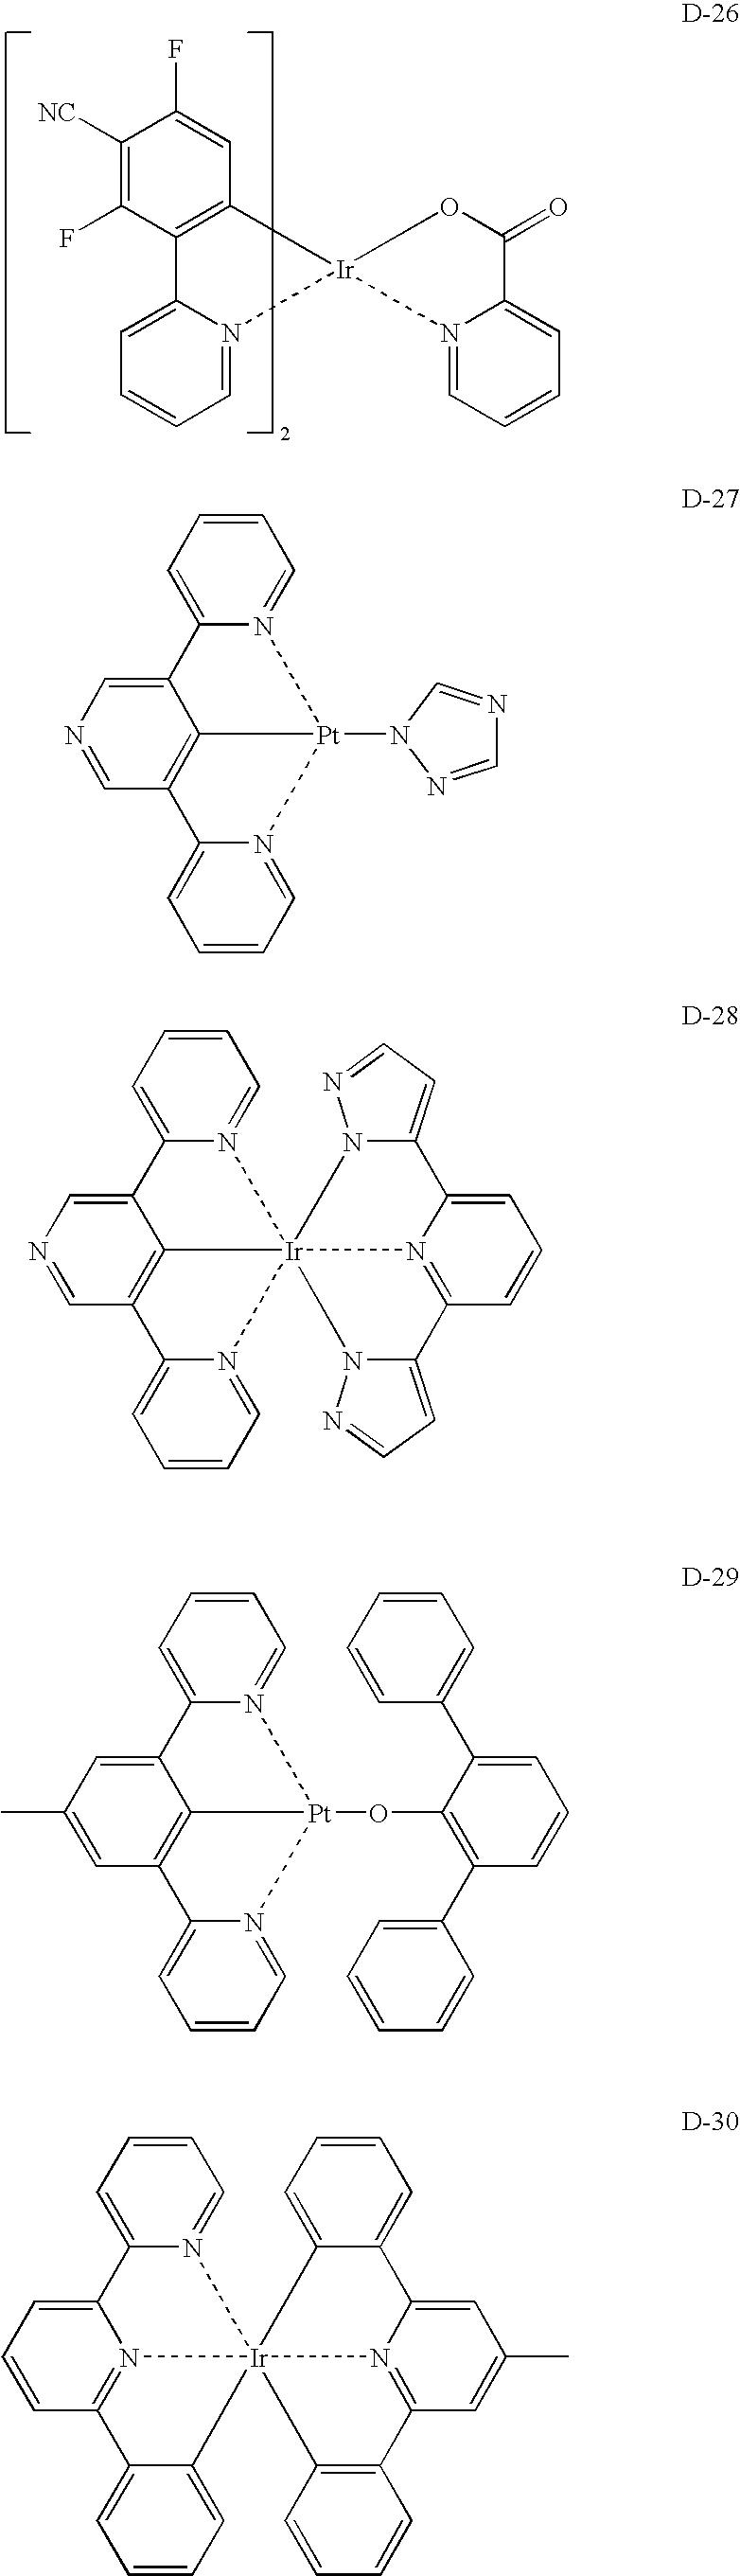 Figure US20090001360A1-20090101-C00006